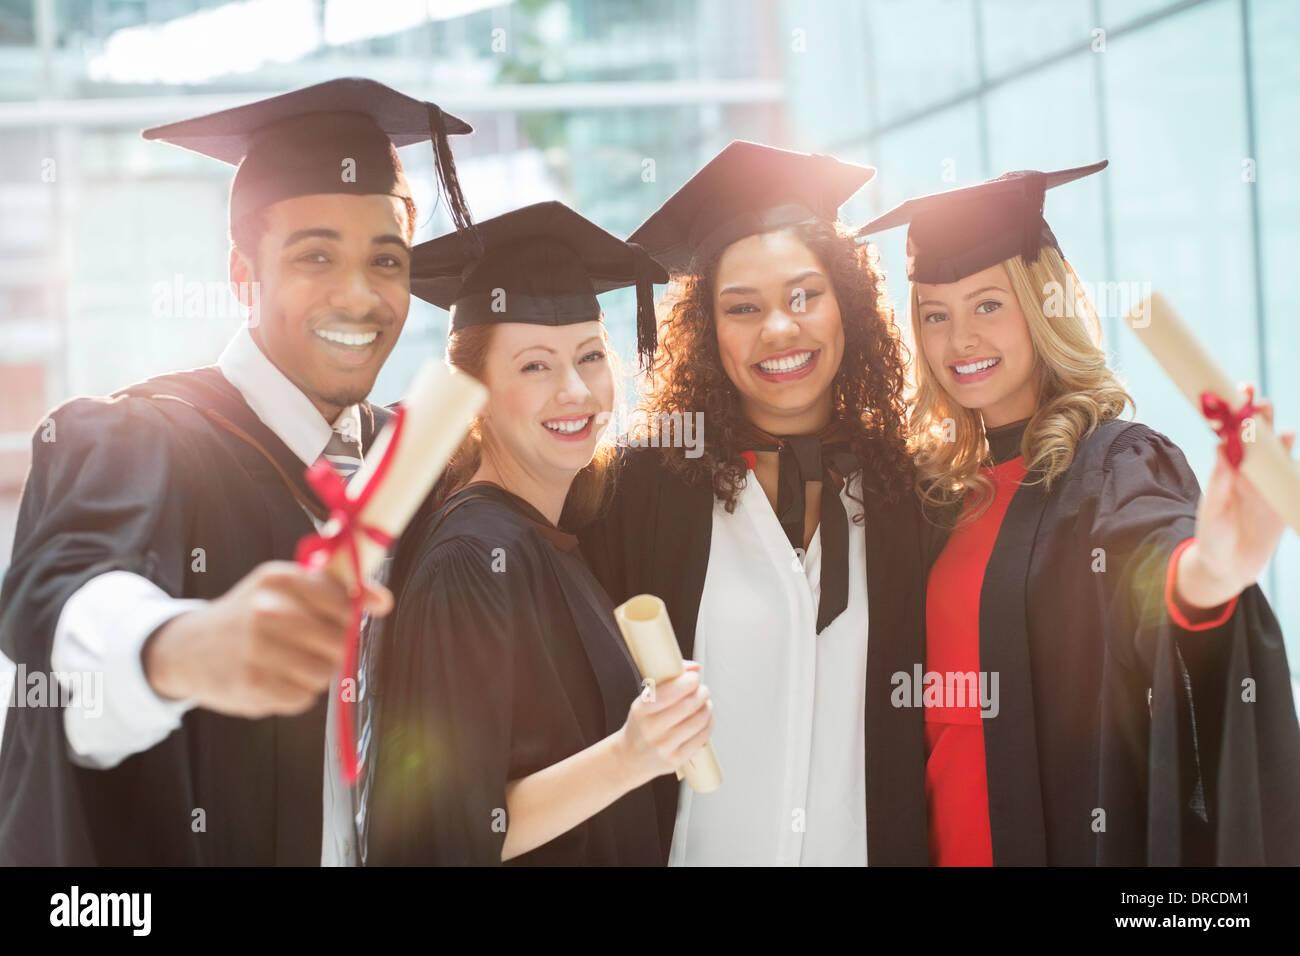 Absolventen mit Diplom lächelnd Stockbild